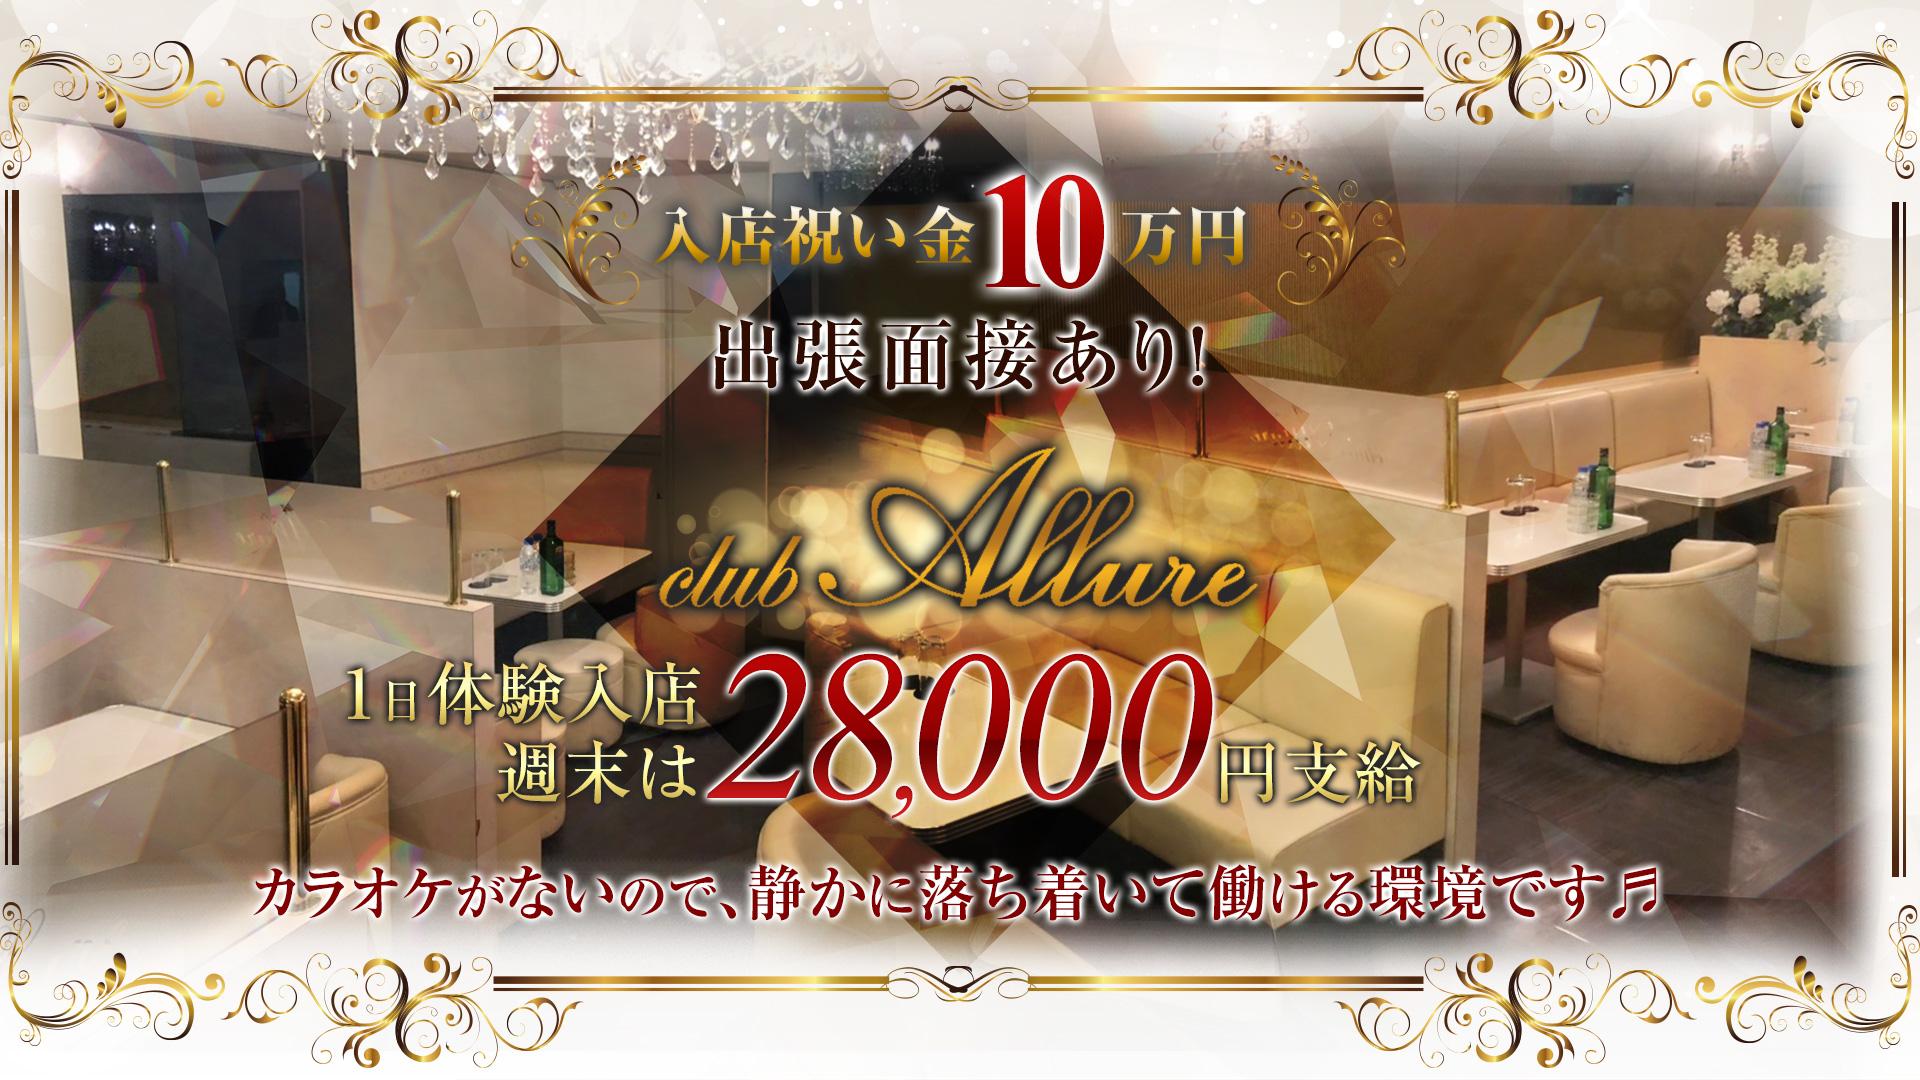 Club Allure[クラブ アリュール] 木更津 キャバクラ TOP画像